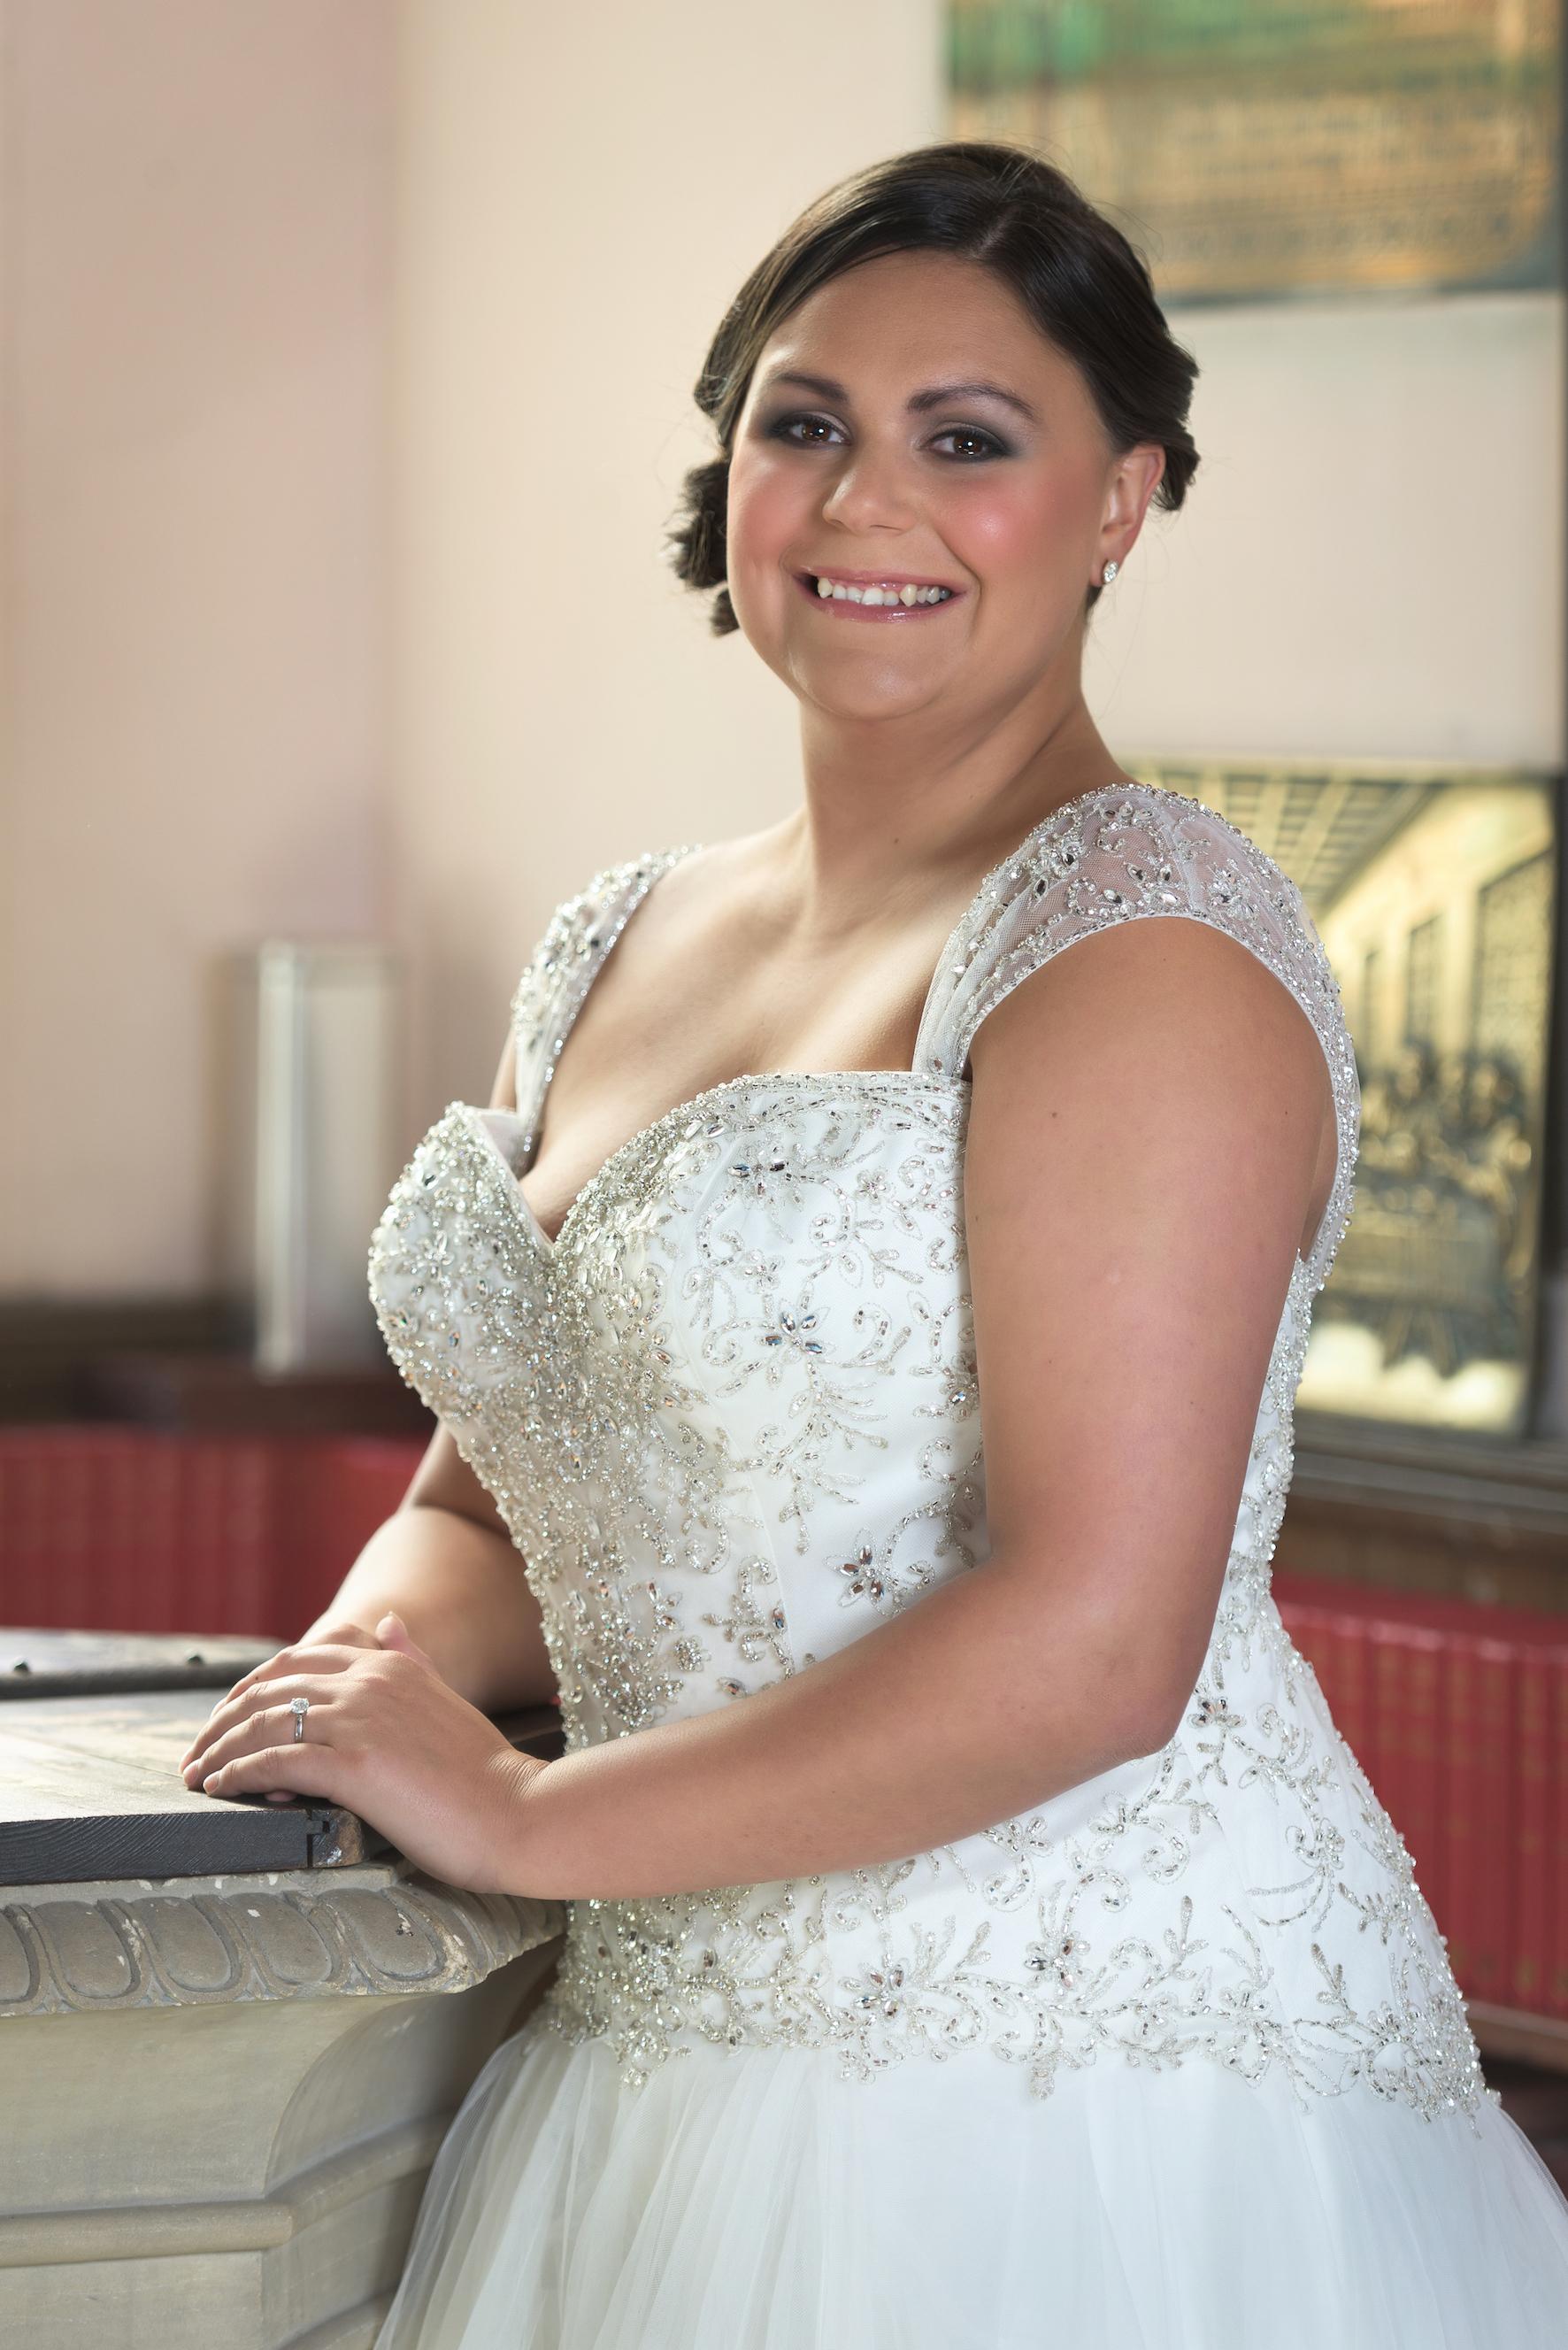 ilkley-bride